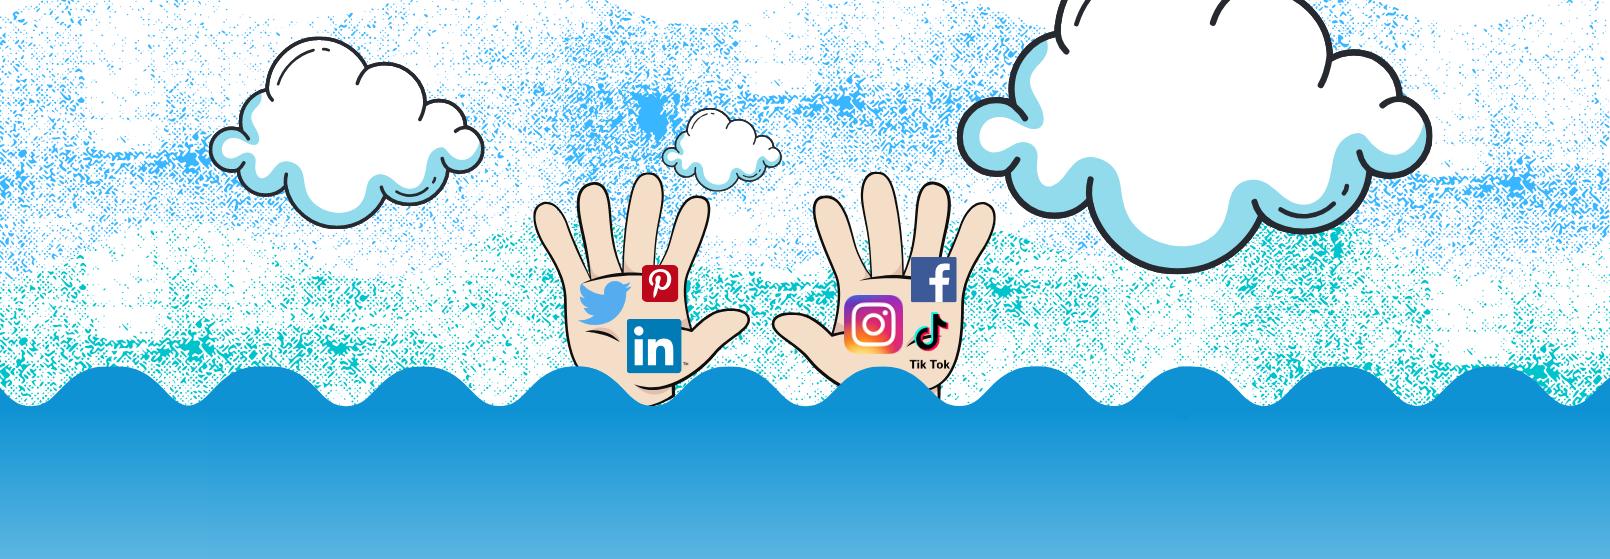 Social_Media_During_Crisis